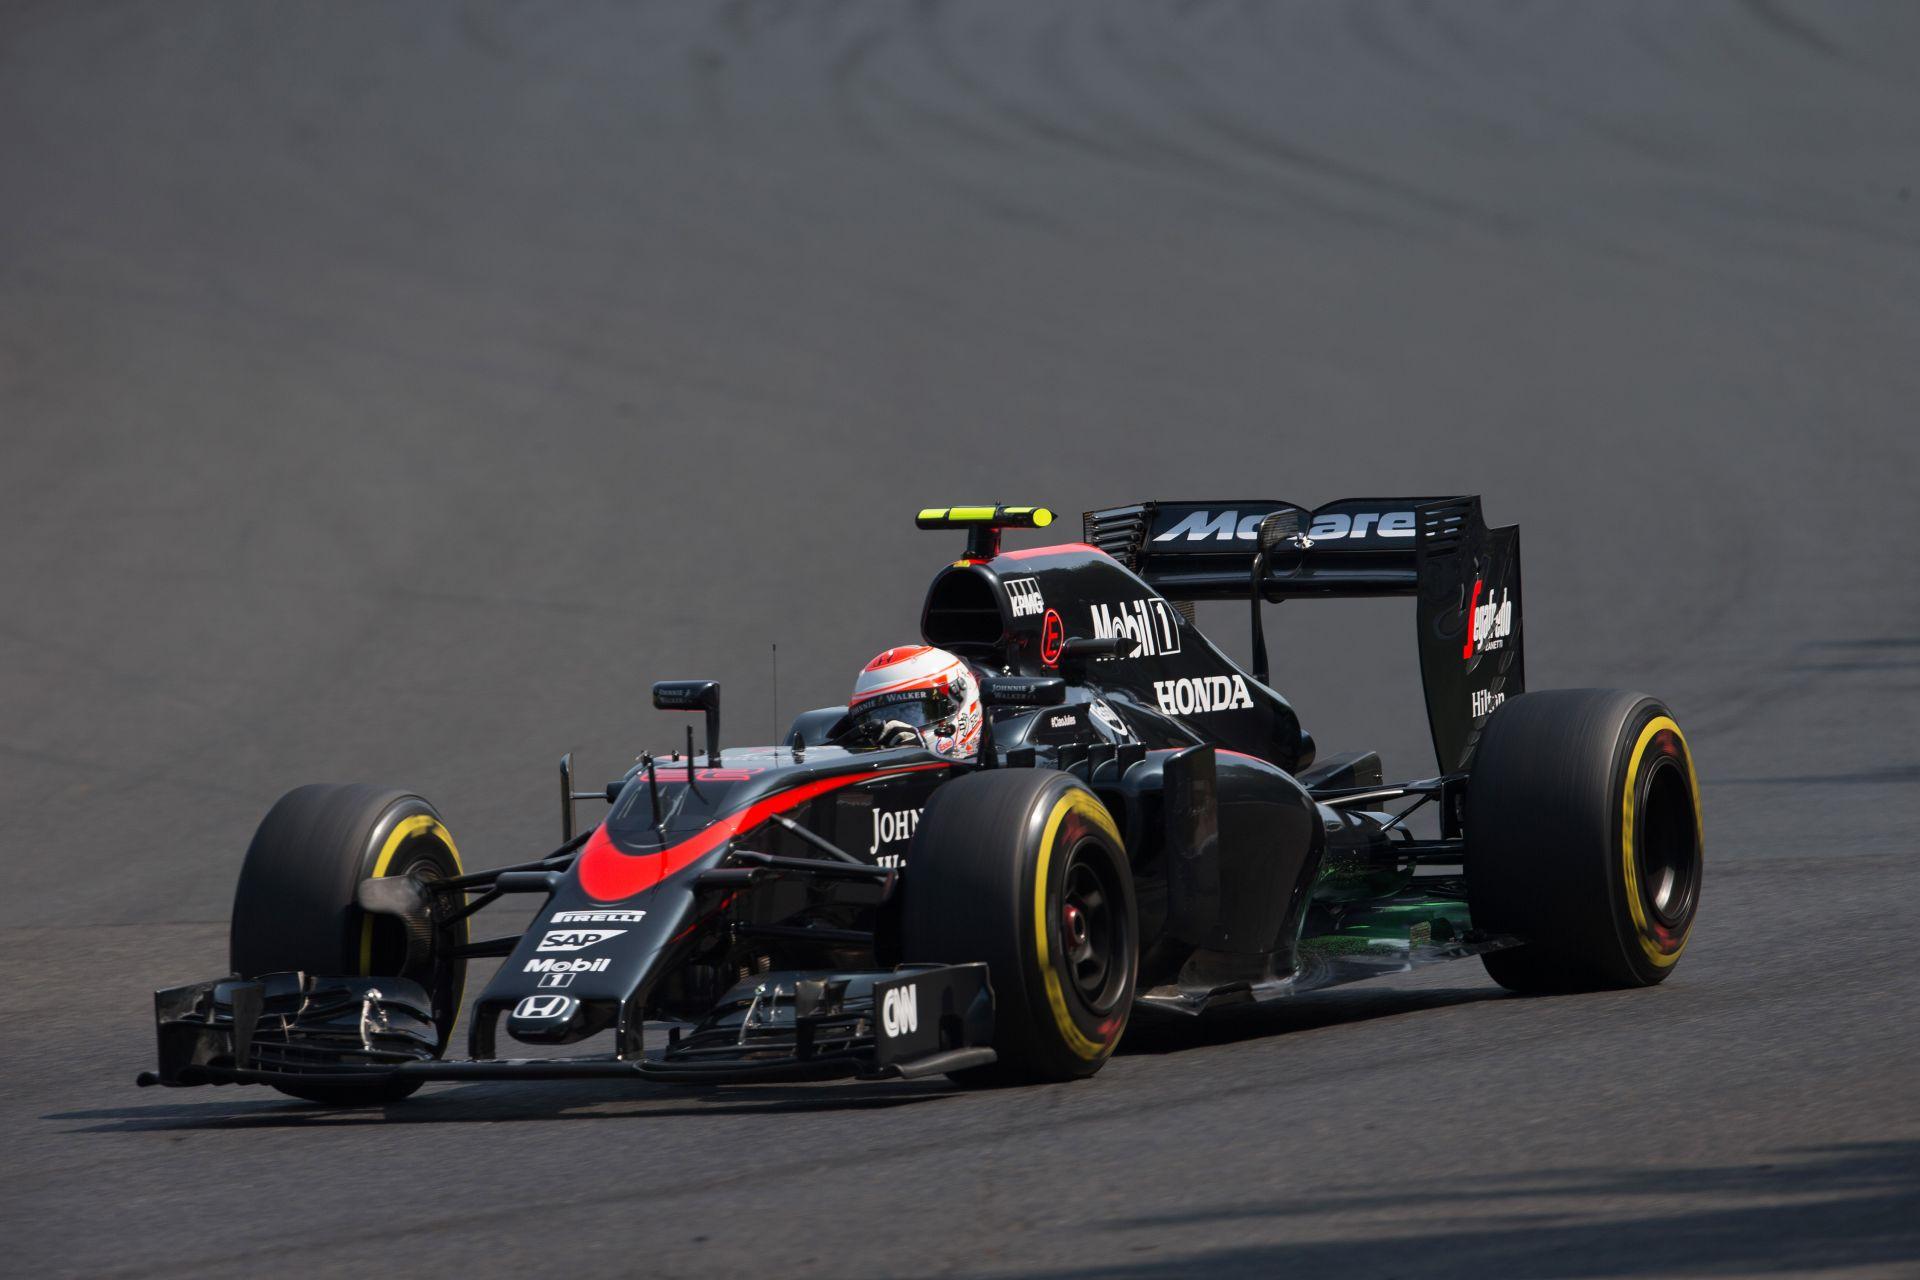 A McLaren-Honda végsebessége átlagosan 13.3 km/órával lassabb a Mercedesénél